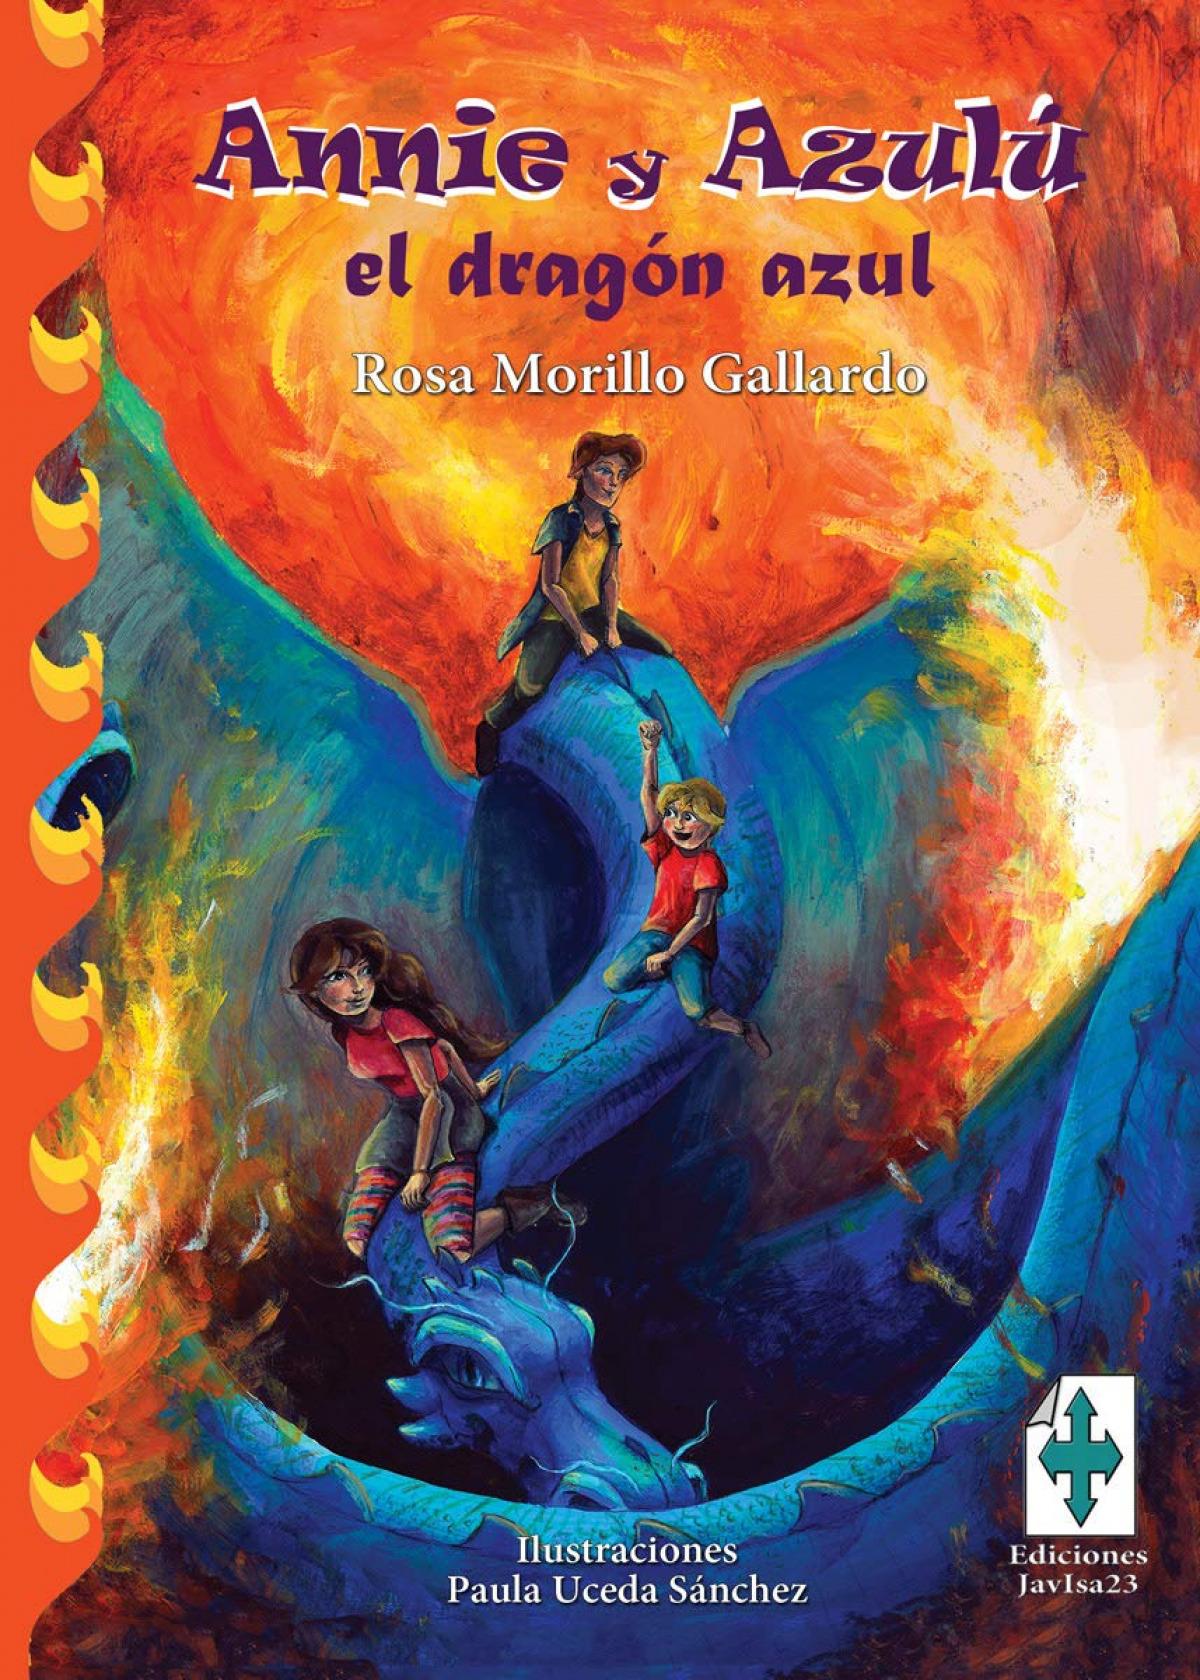 ANNIE Y AZULÚ, EL DRAGÓN AZUL